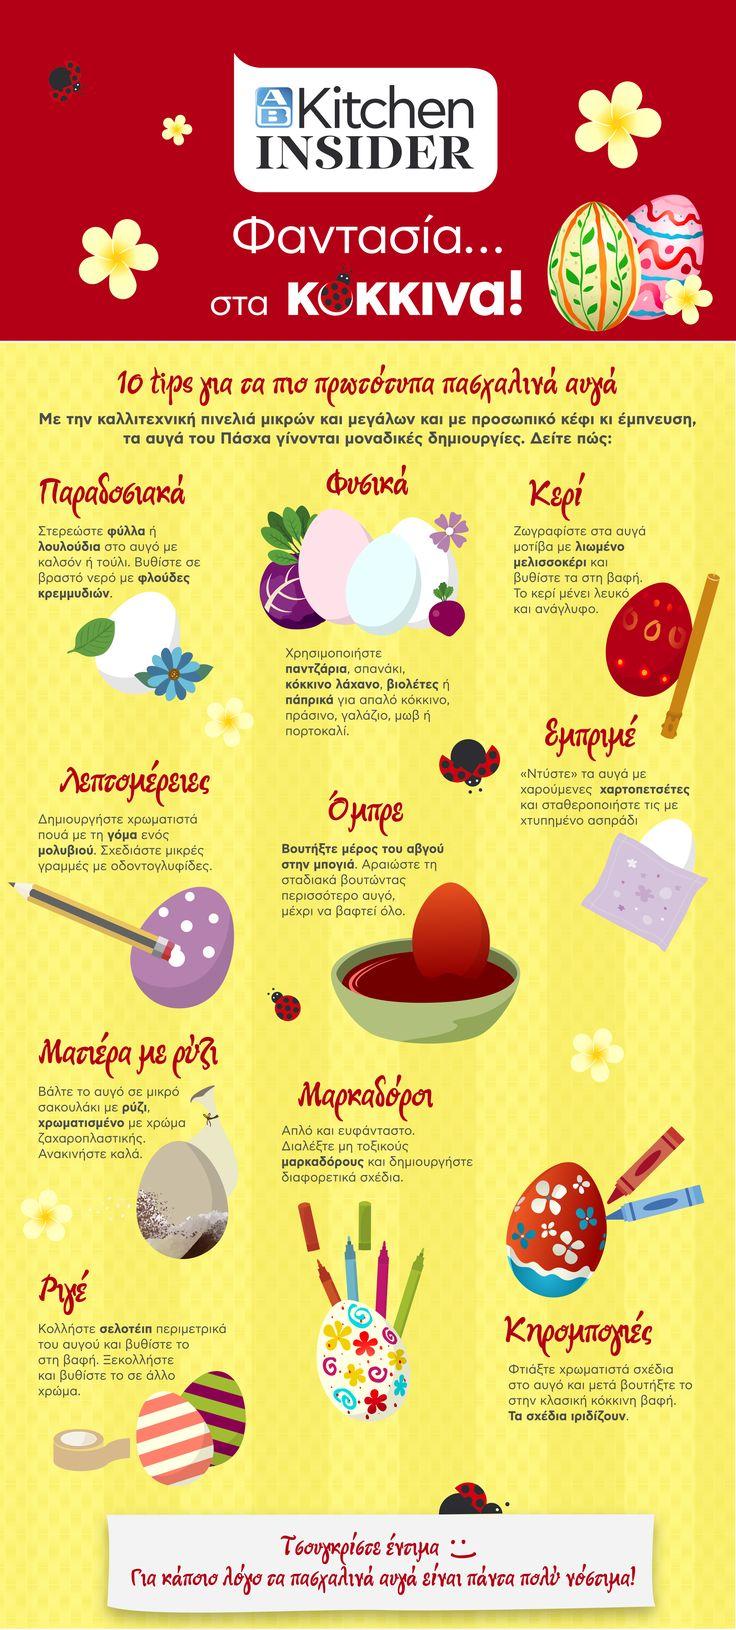 Με κέφι, έμπνευση και την καλλιτεχνική πινελιά μικρών και μεγάλων, τα αυγά του Πάσχα γίνονται μοναδικές δημιουργίες. To ΑΒ kitchen Insider σας προτείνει 10 tips για τα πιο πρωτότυπα πασχαλινά αυγά.  Ανακάλυψέ τα → http://www.ab.gr/proposes/ab-kitchen-insider